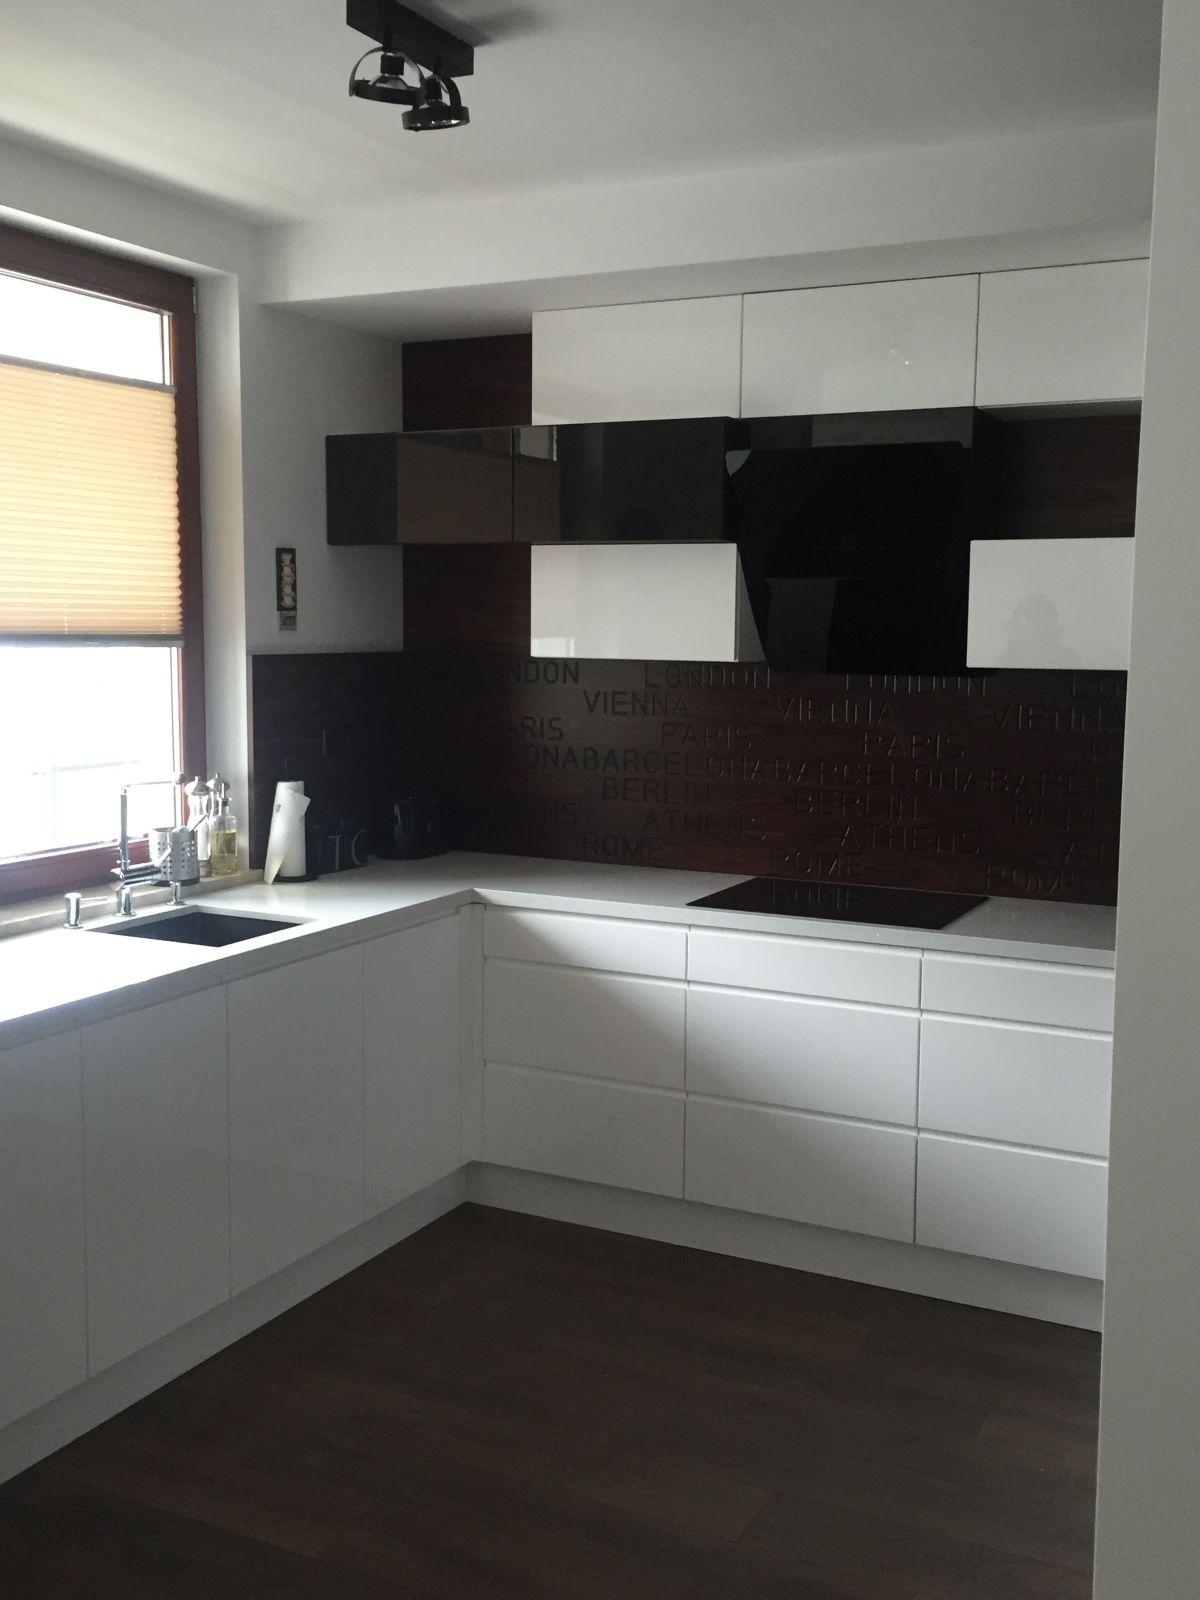 Studio Kuchni A3